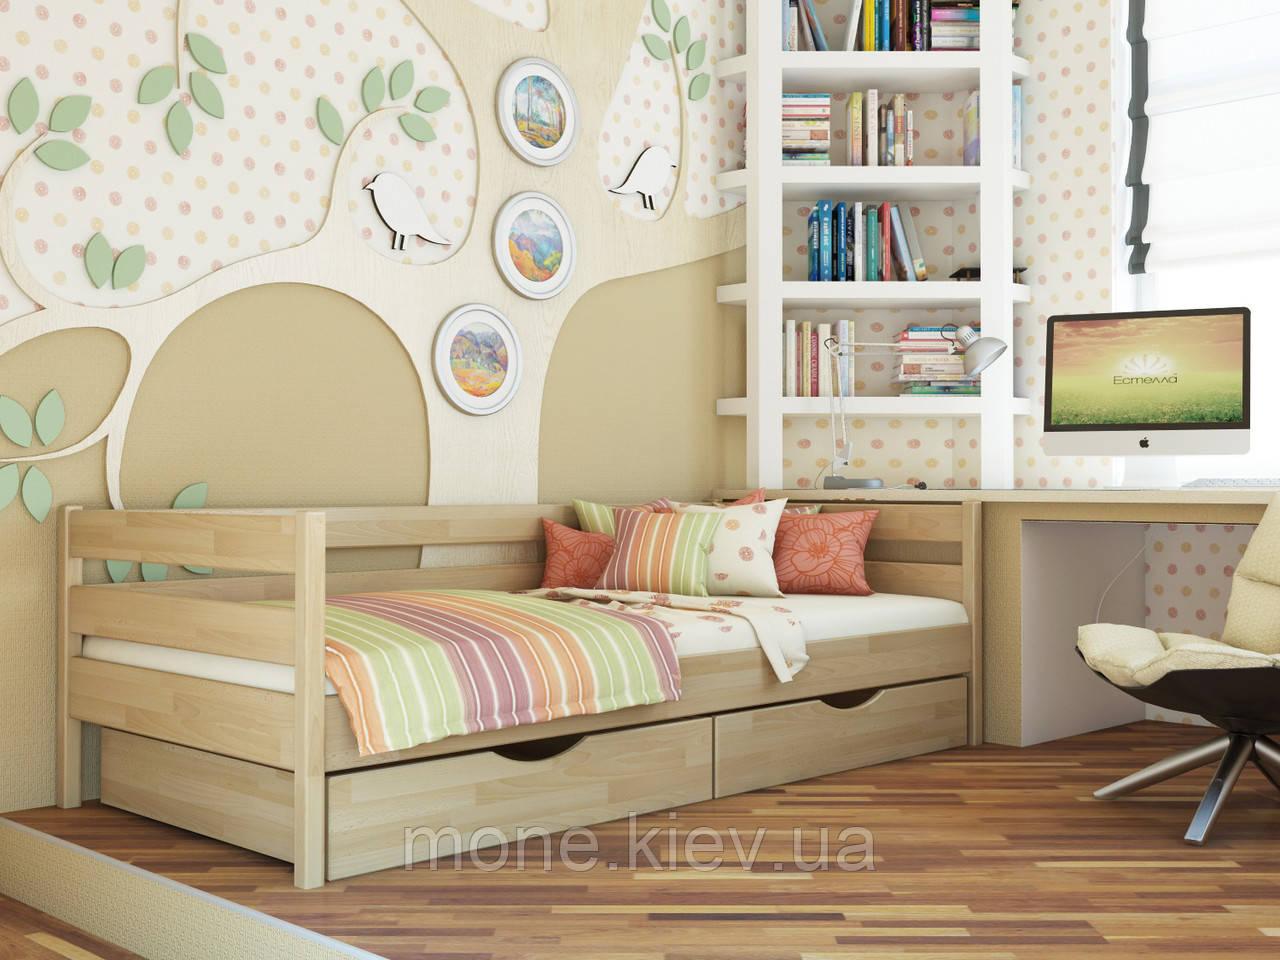 Ліжко односпальне з ящиками/ з шухлядами Нота